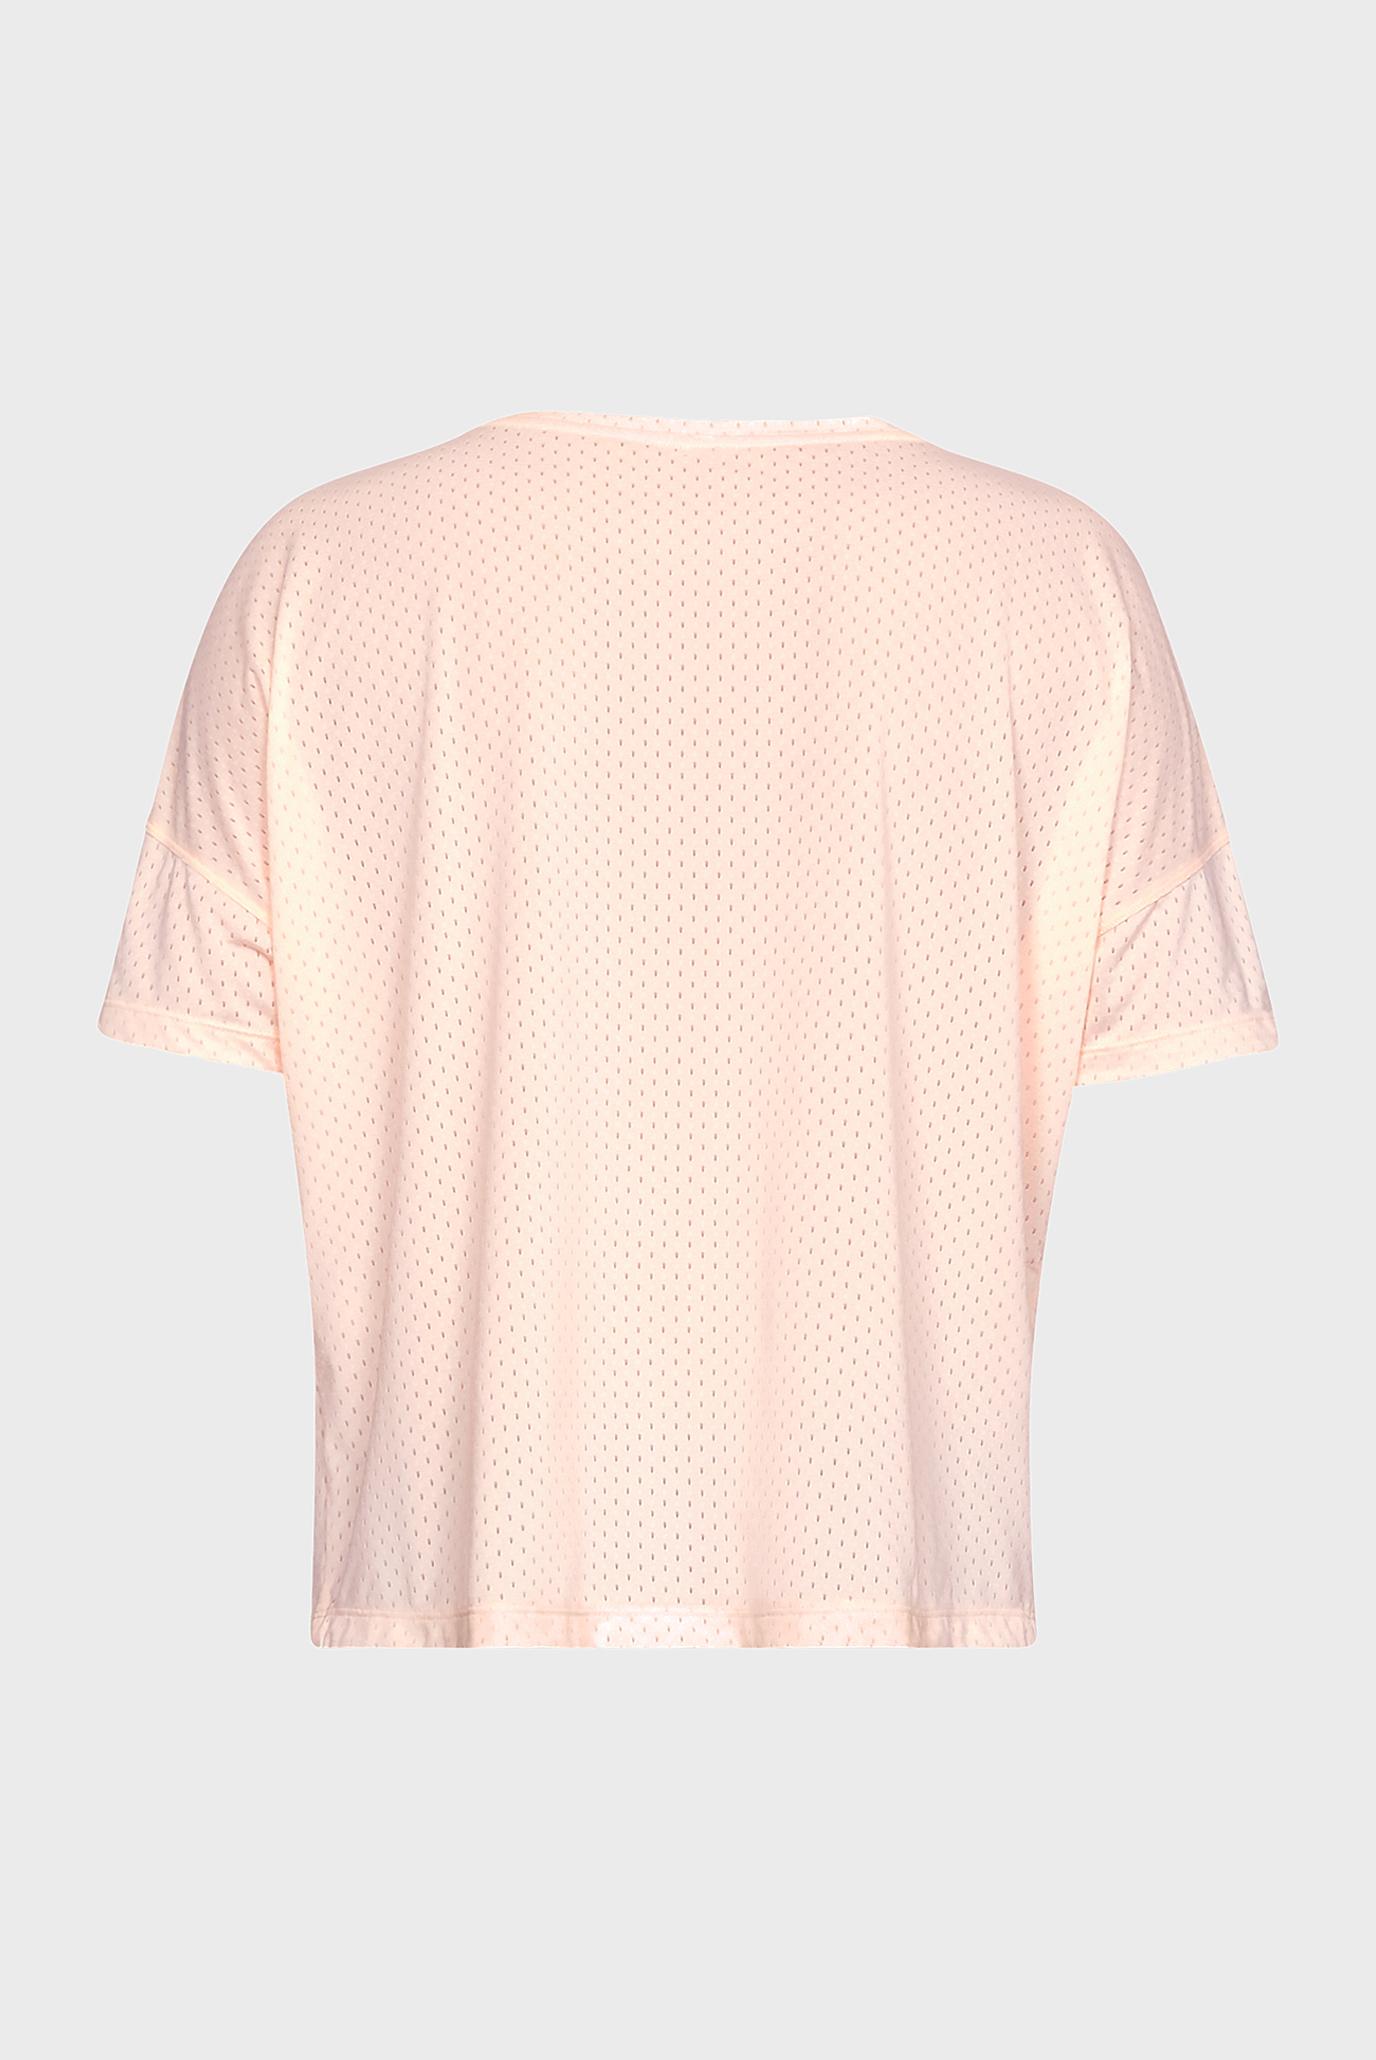 Купить Женская персиковая футболка Armour Sport Mesh Oversized SS Under Armour Under Armour 1330400-805 – Киев, Украина. Цены в интернет магазине MD Fashion